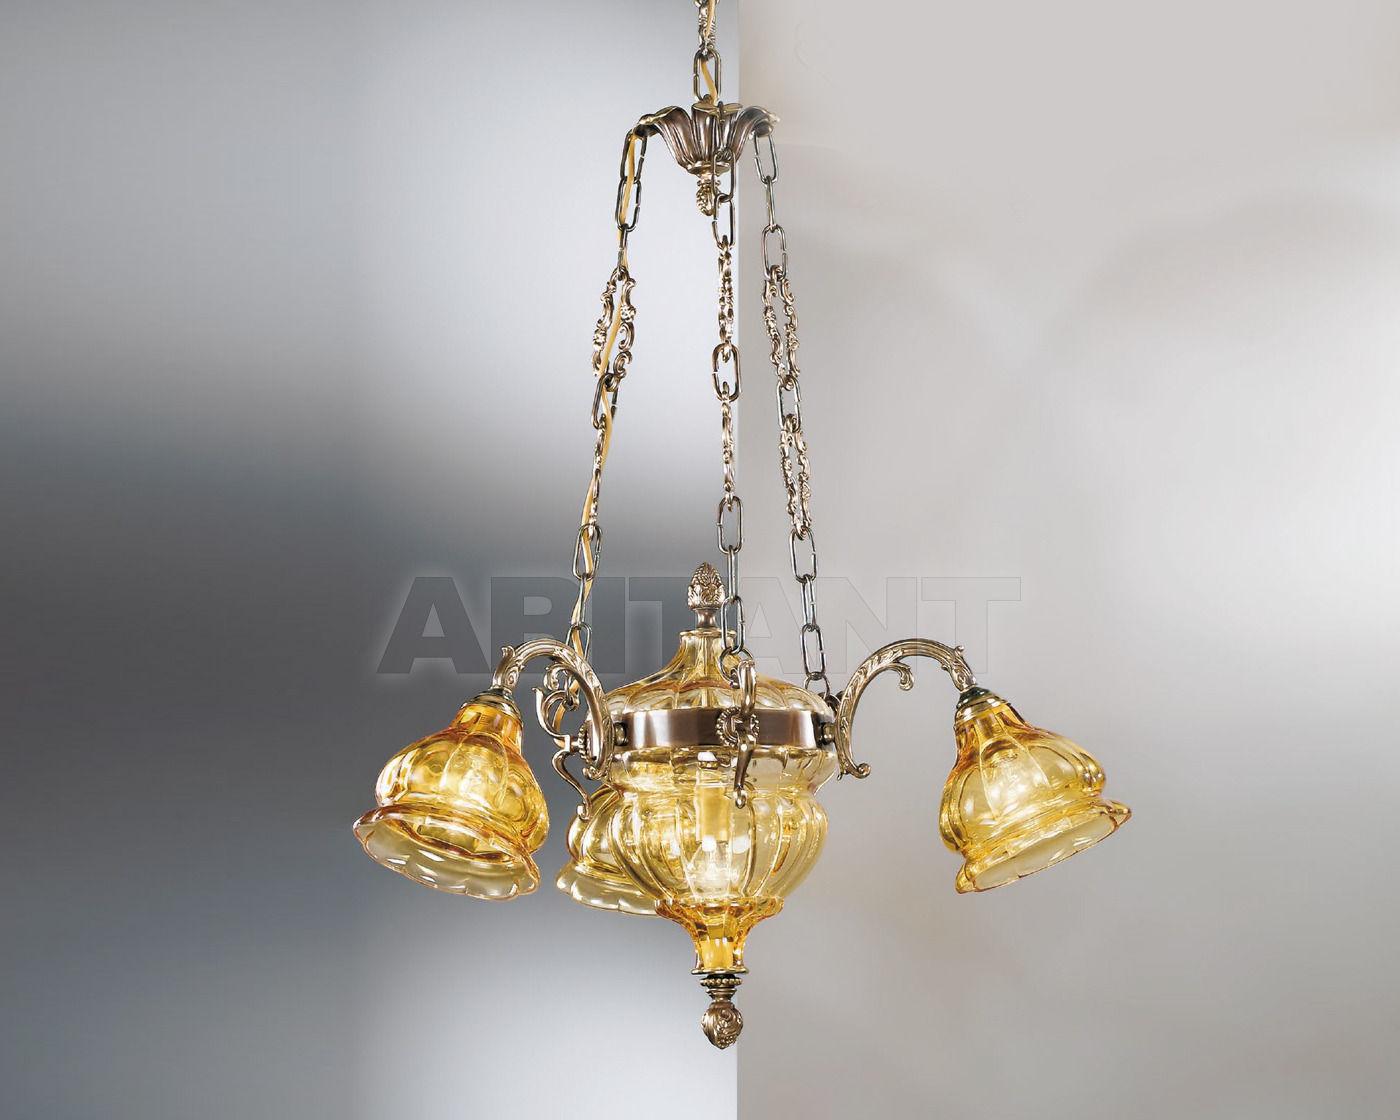 Купить Люстра Nervilamp Snc Nervilamp 2013 572/3+2/AM